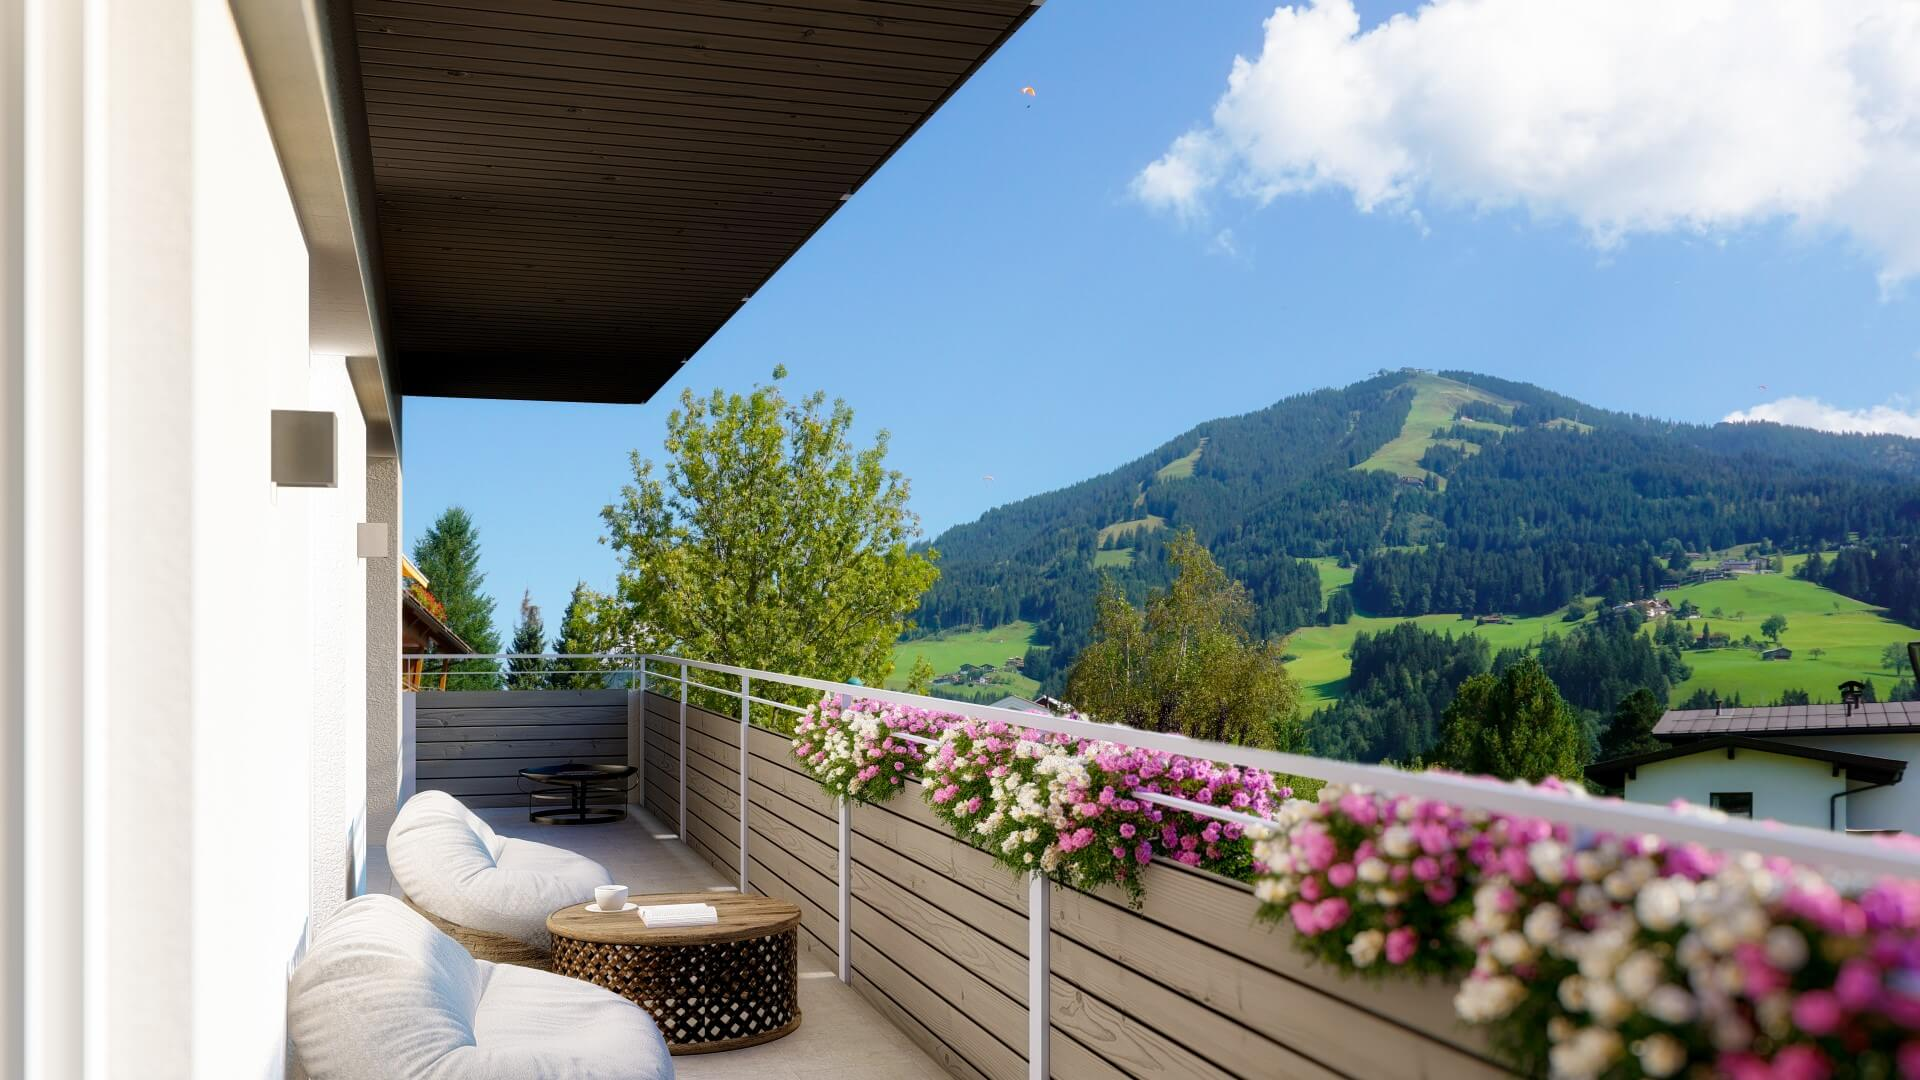 Mountain View Balkon